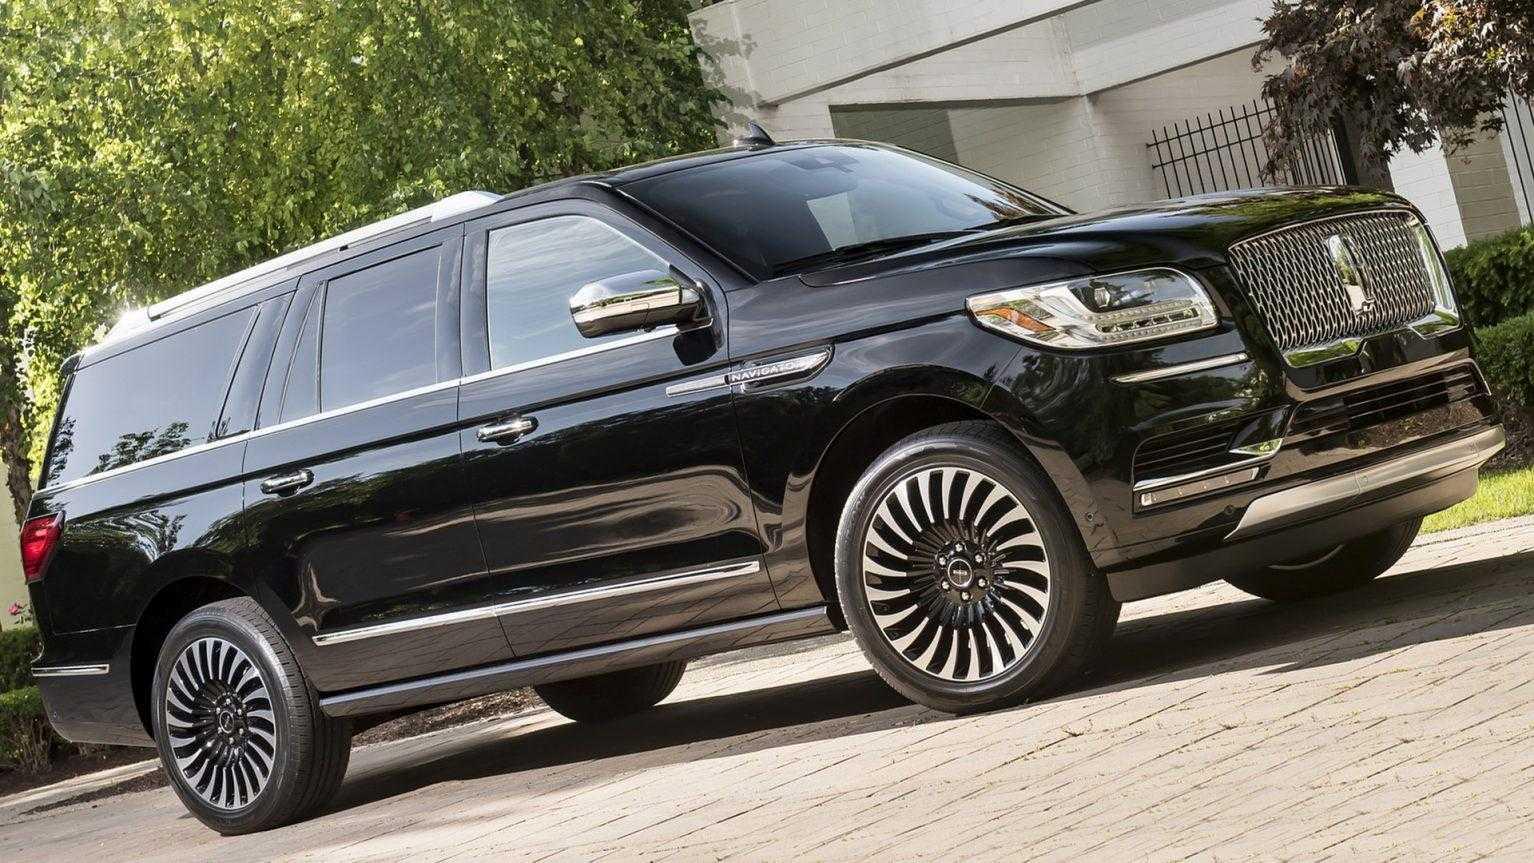 Lincoln Navigator 2015 изменения которые были внесены в новую модель от Lincoln